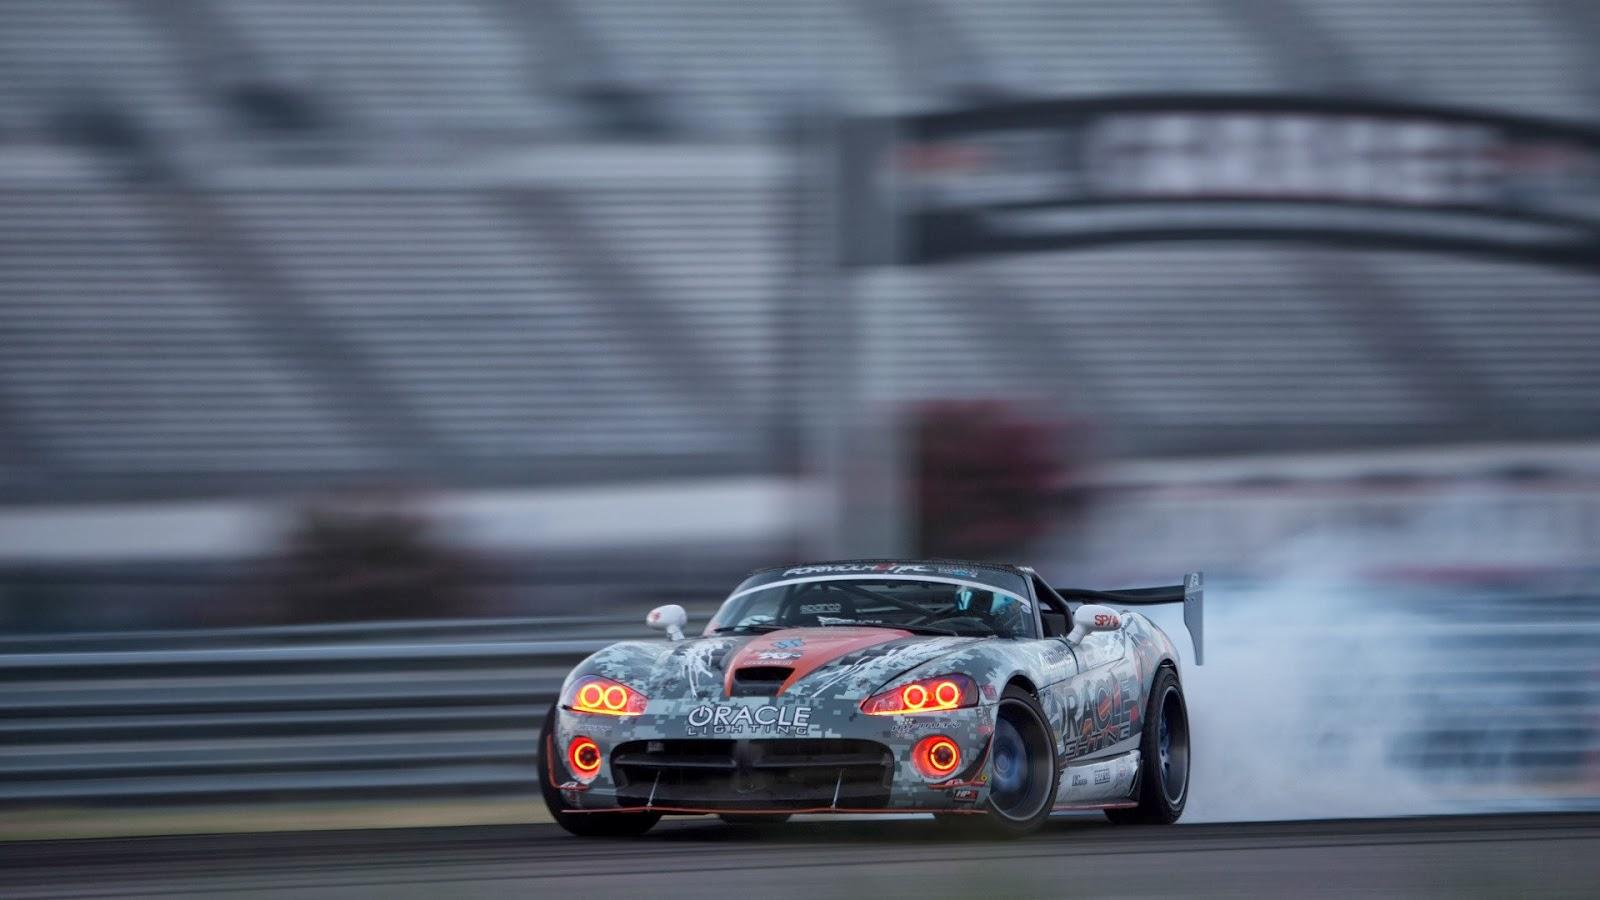 http://3.bp.blogspot.com/-fUq57J5csWA/UxZOYYbF1kI/AAAAAAAAYnU/-4sRia3NsJw/s1600/Dodge-Viper-Car-Drift-Smoke.jpg